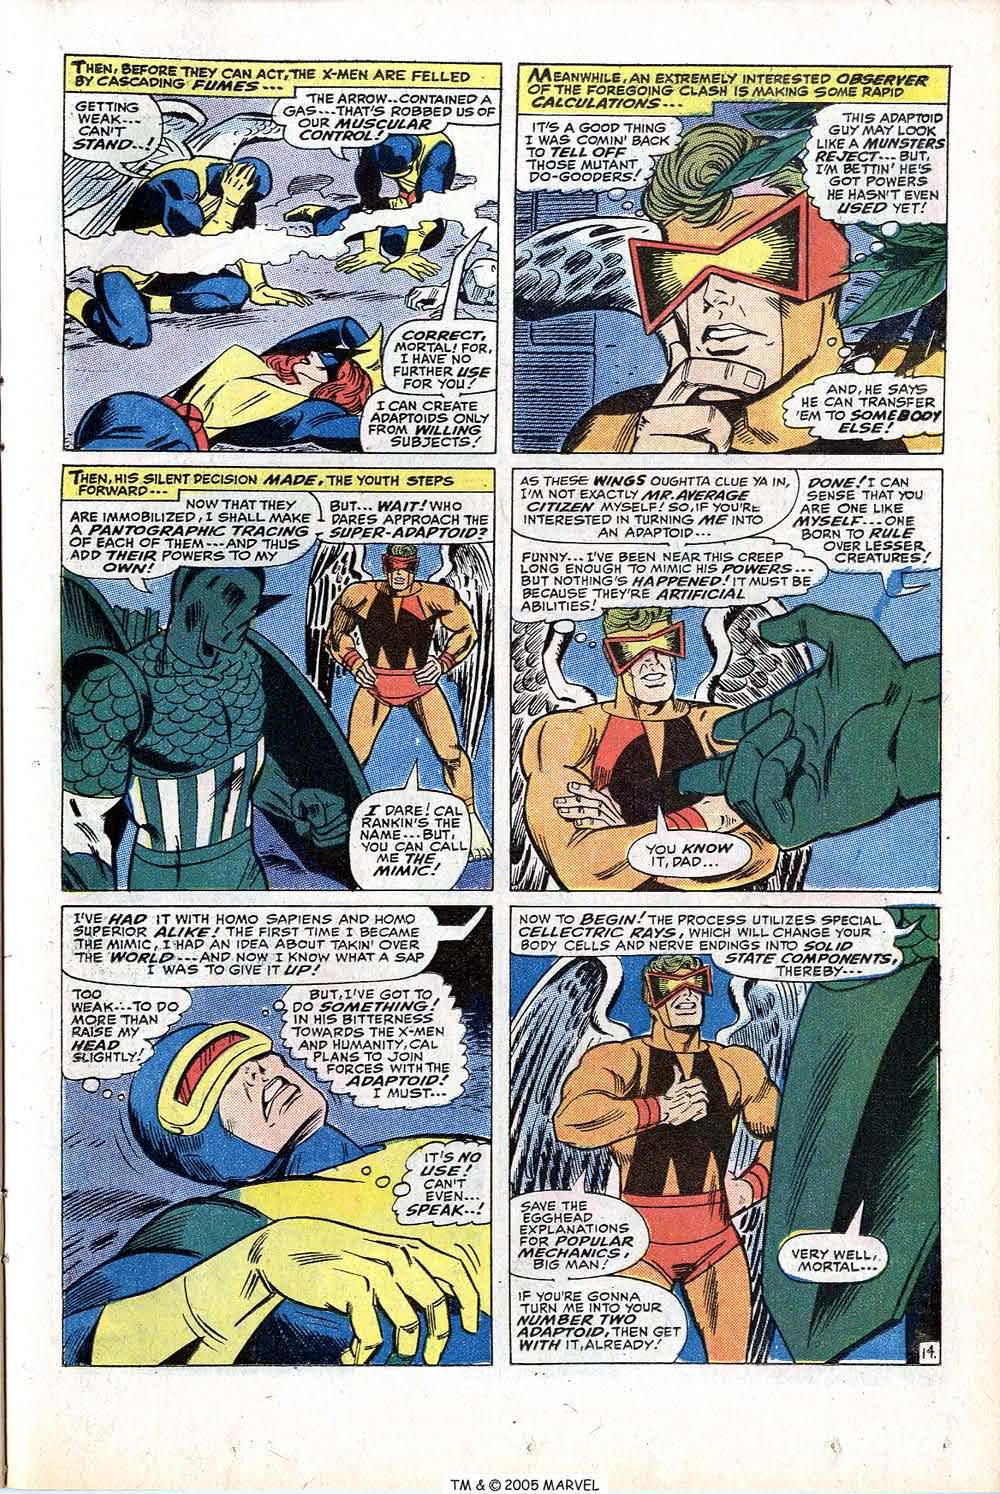 Read online Uncanny X-Men (1963) comic -  Issue #77 - 23